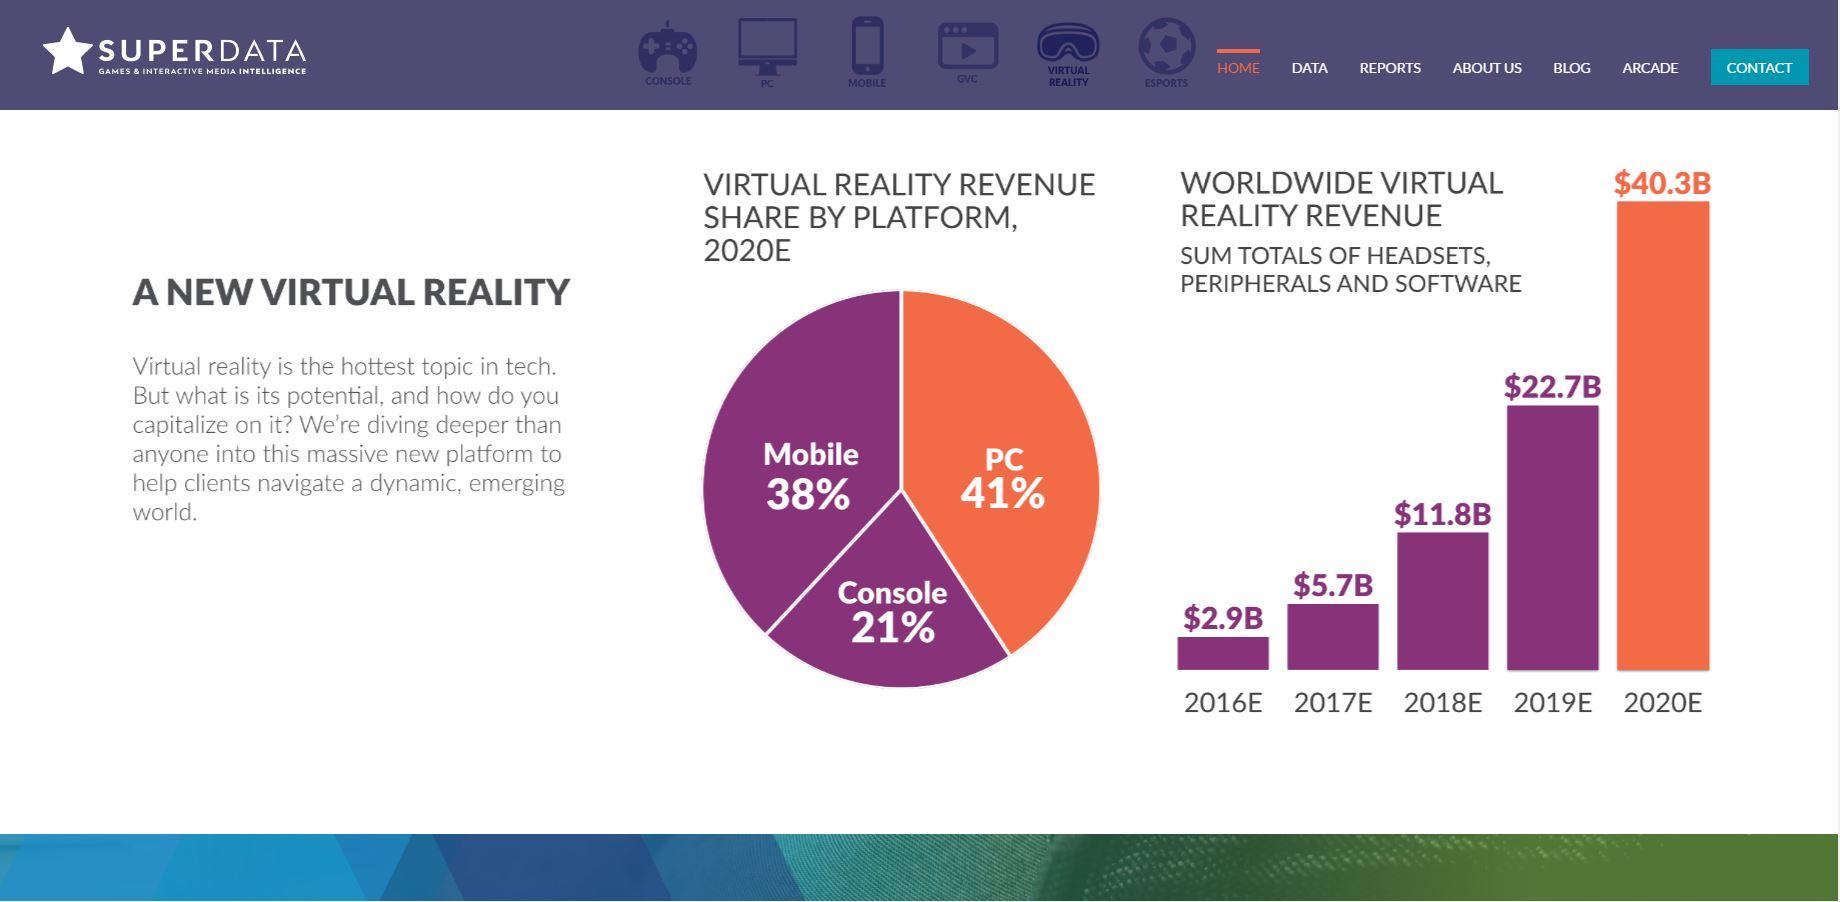 Datos de crecimiento de la realidad virtual según SuperData Research